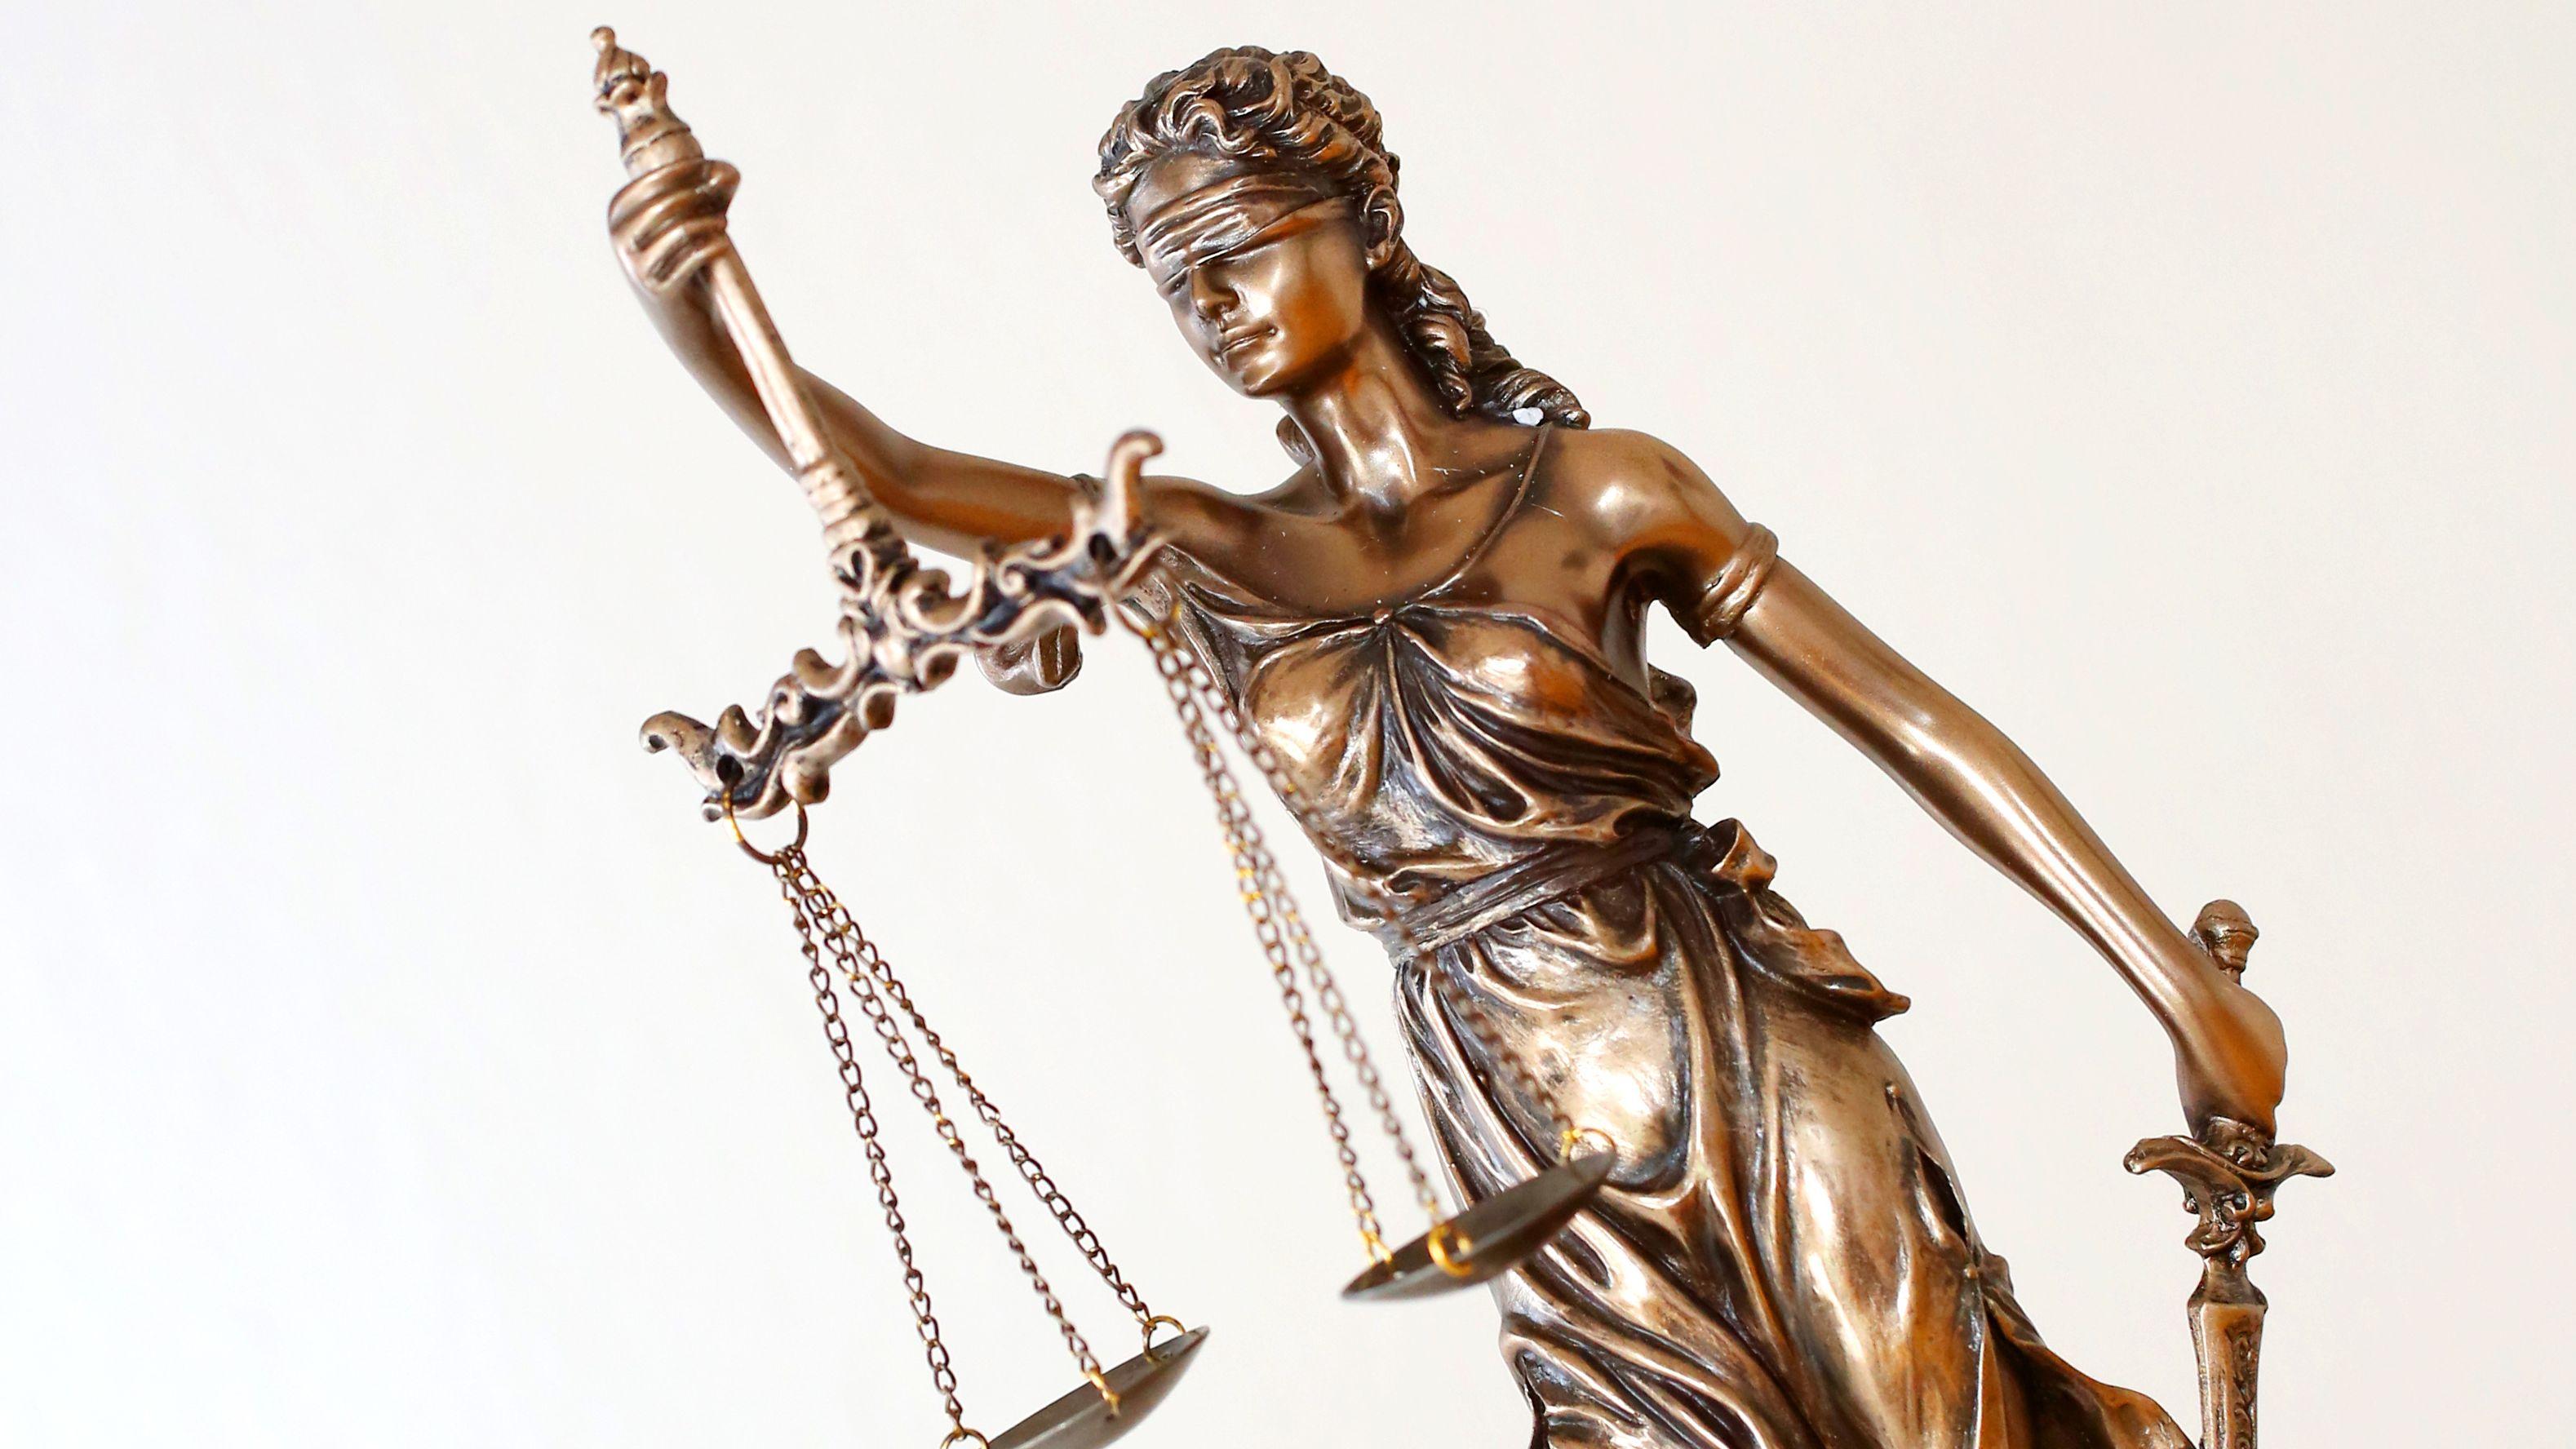 Justitia mit Waagschalen und Schwert repräsentiert die Gerechtigkeit.